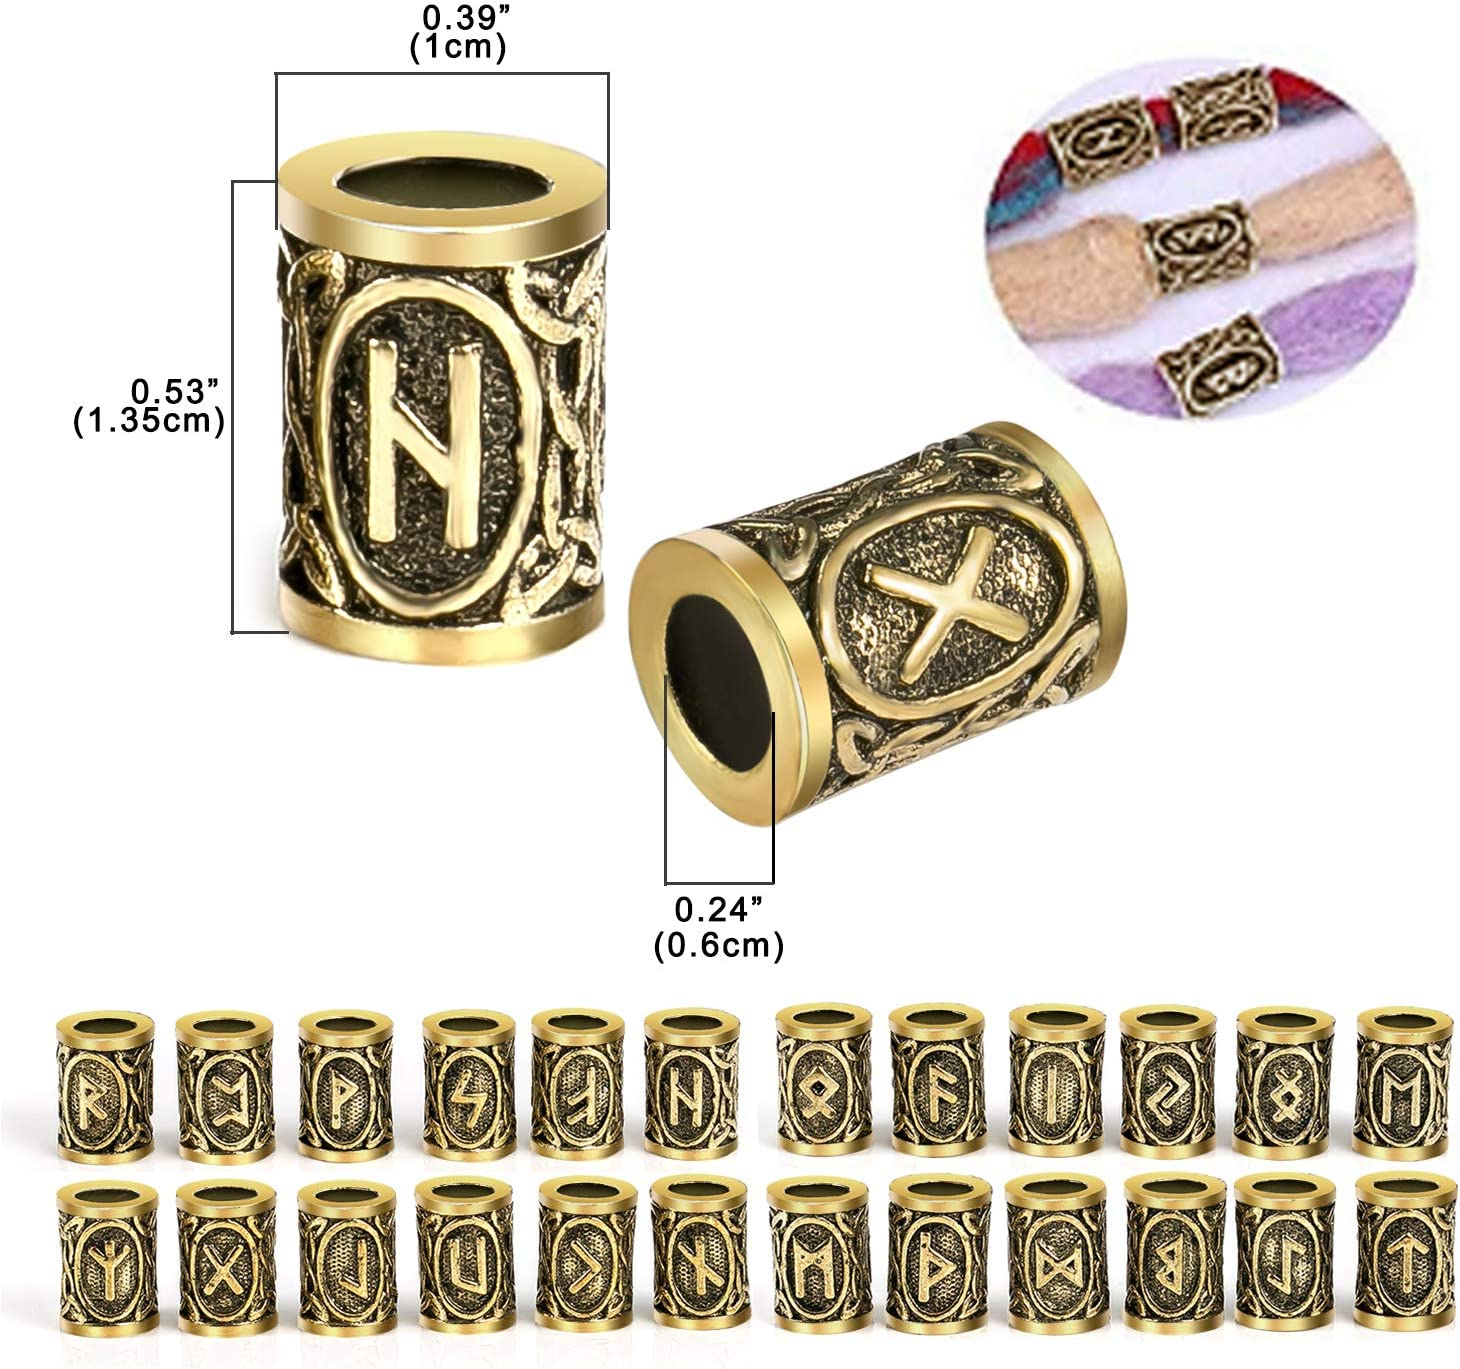 vrac bricolage m/étal viking runes cheveux barbe perles avec clip pour dames femmes fille hommes 24pcs perles de rune viking et bandes de caoutchouc noir ensemble accessoires pour tressage collier